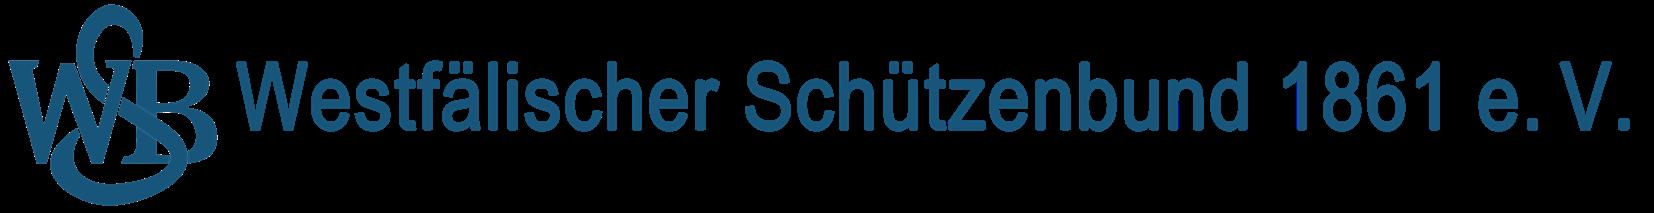 Westfälischer Schützenbund 1861 e.V.